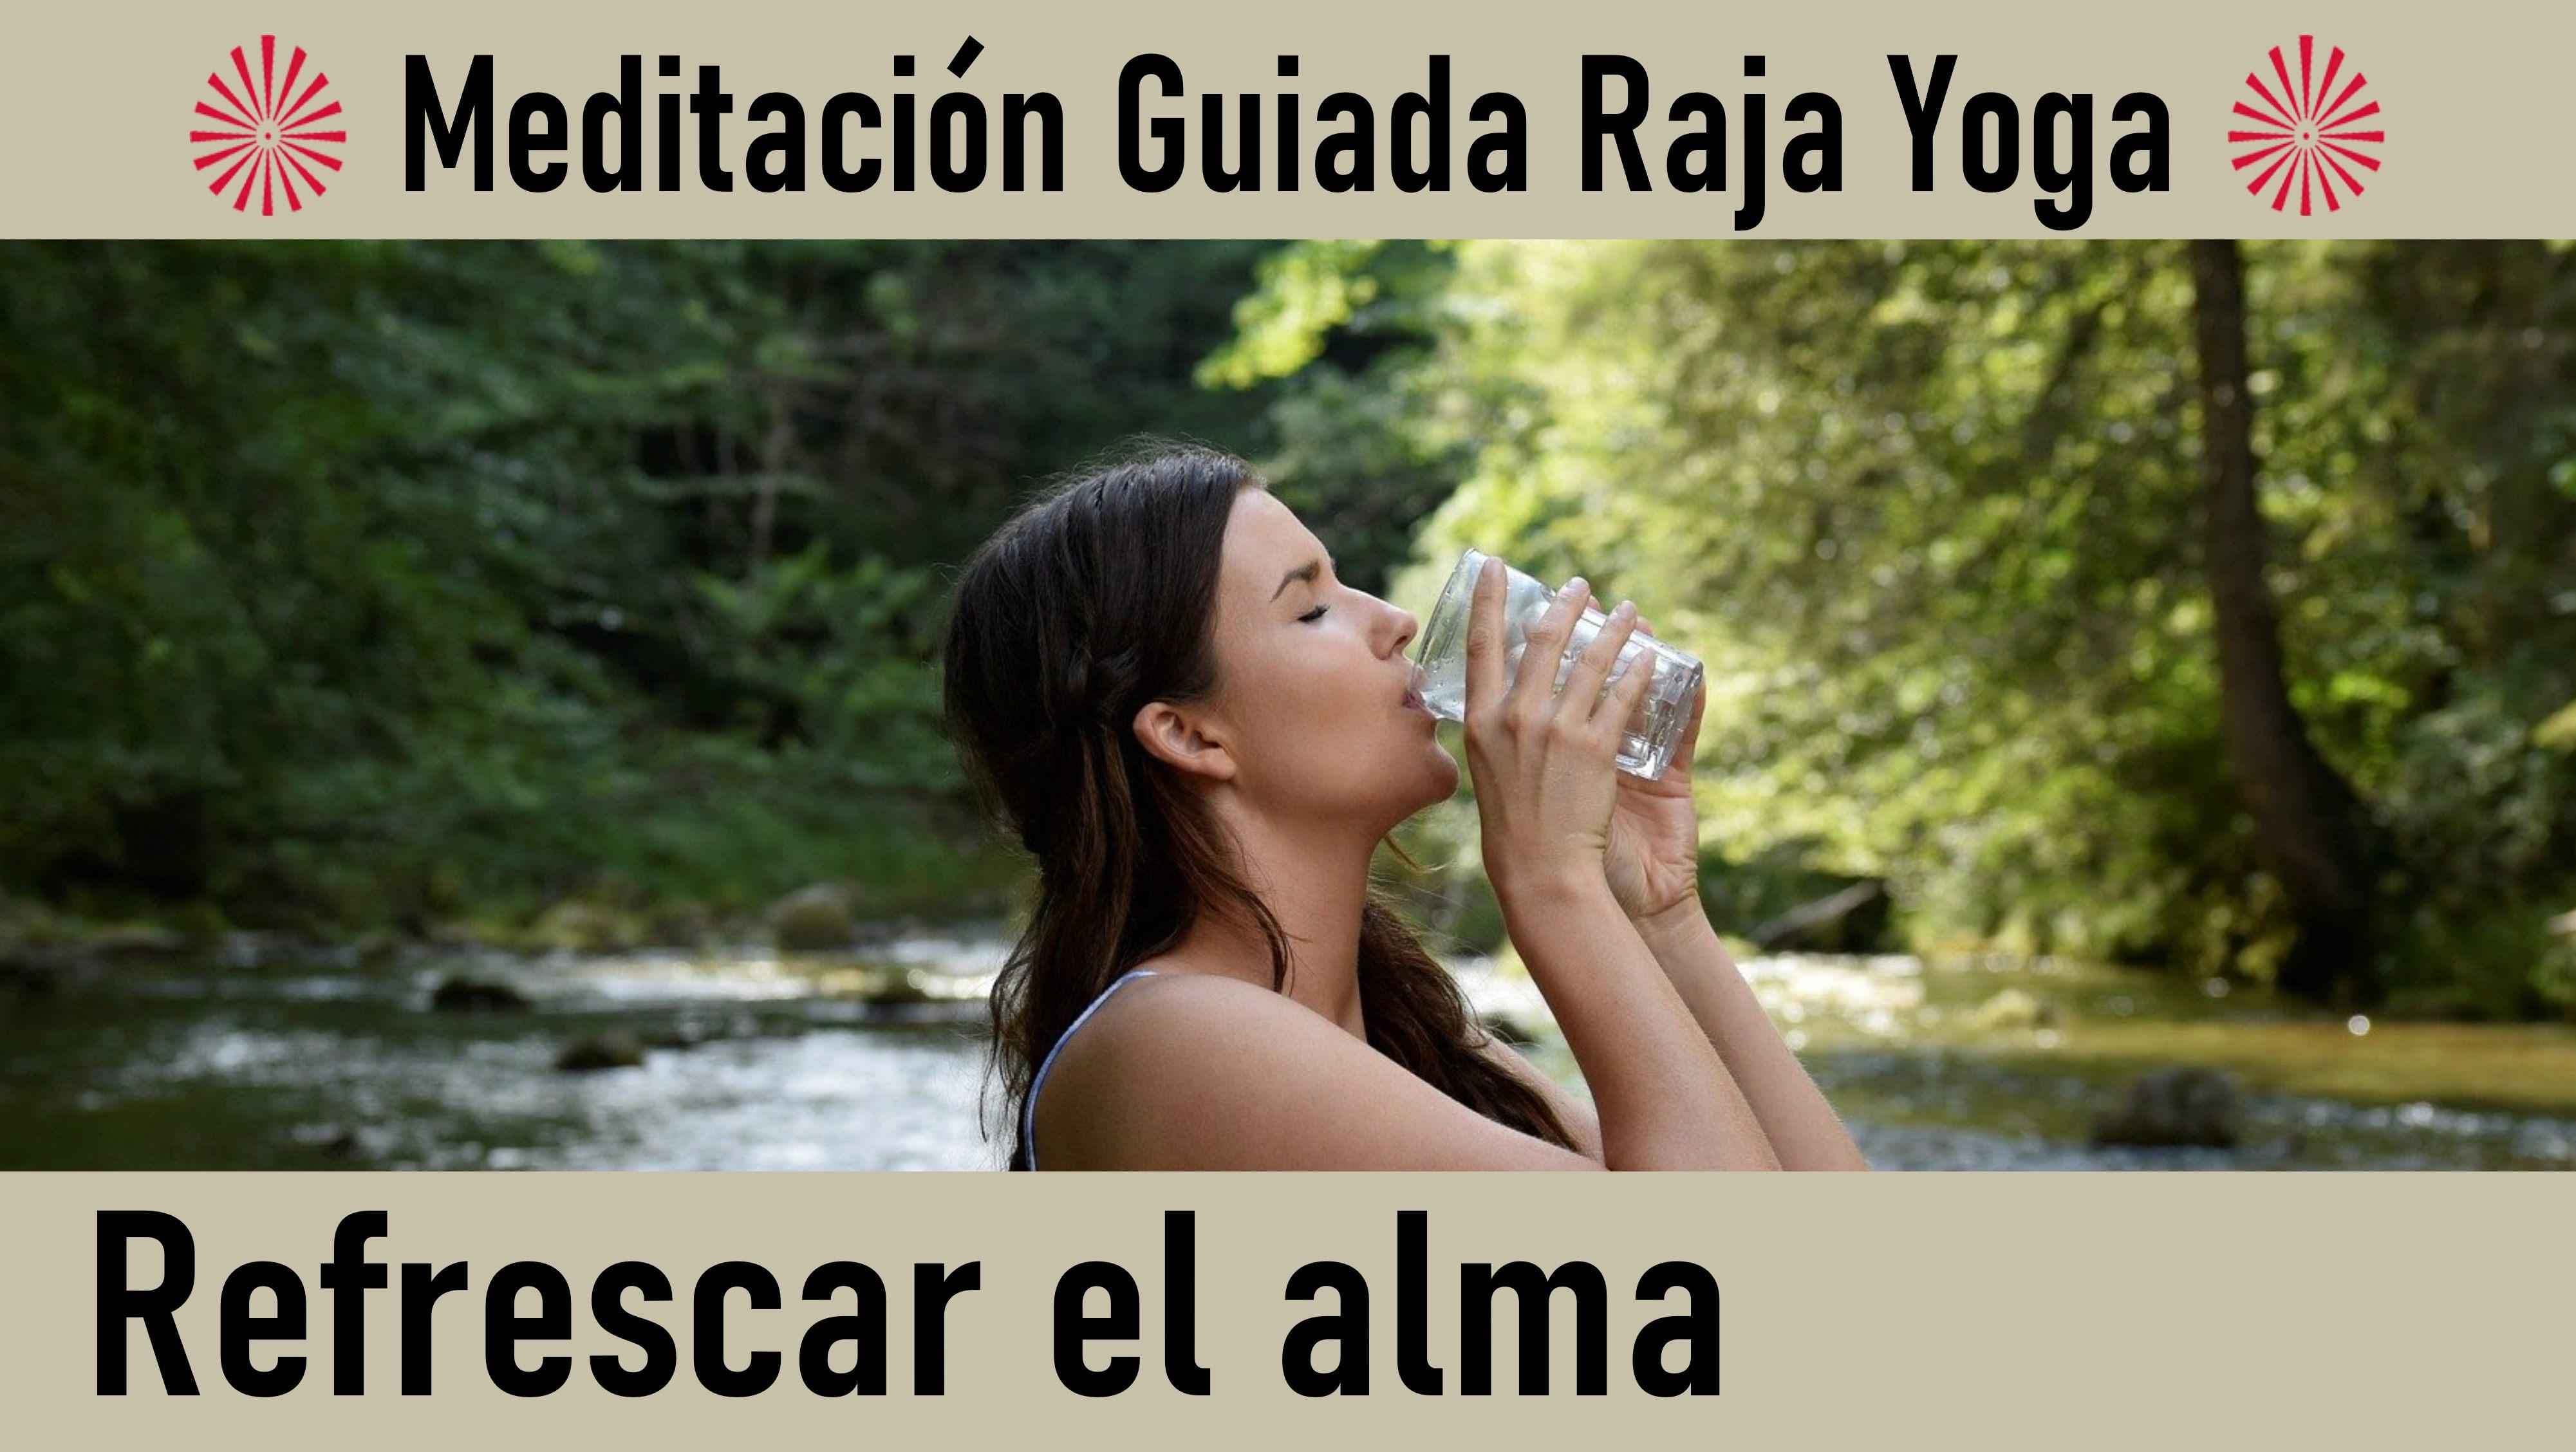 8 Agosto 2020 Meditación guiada: Refrescar el alma